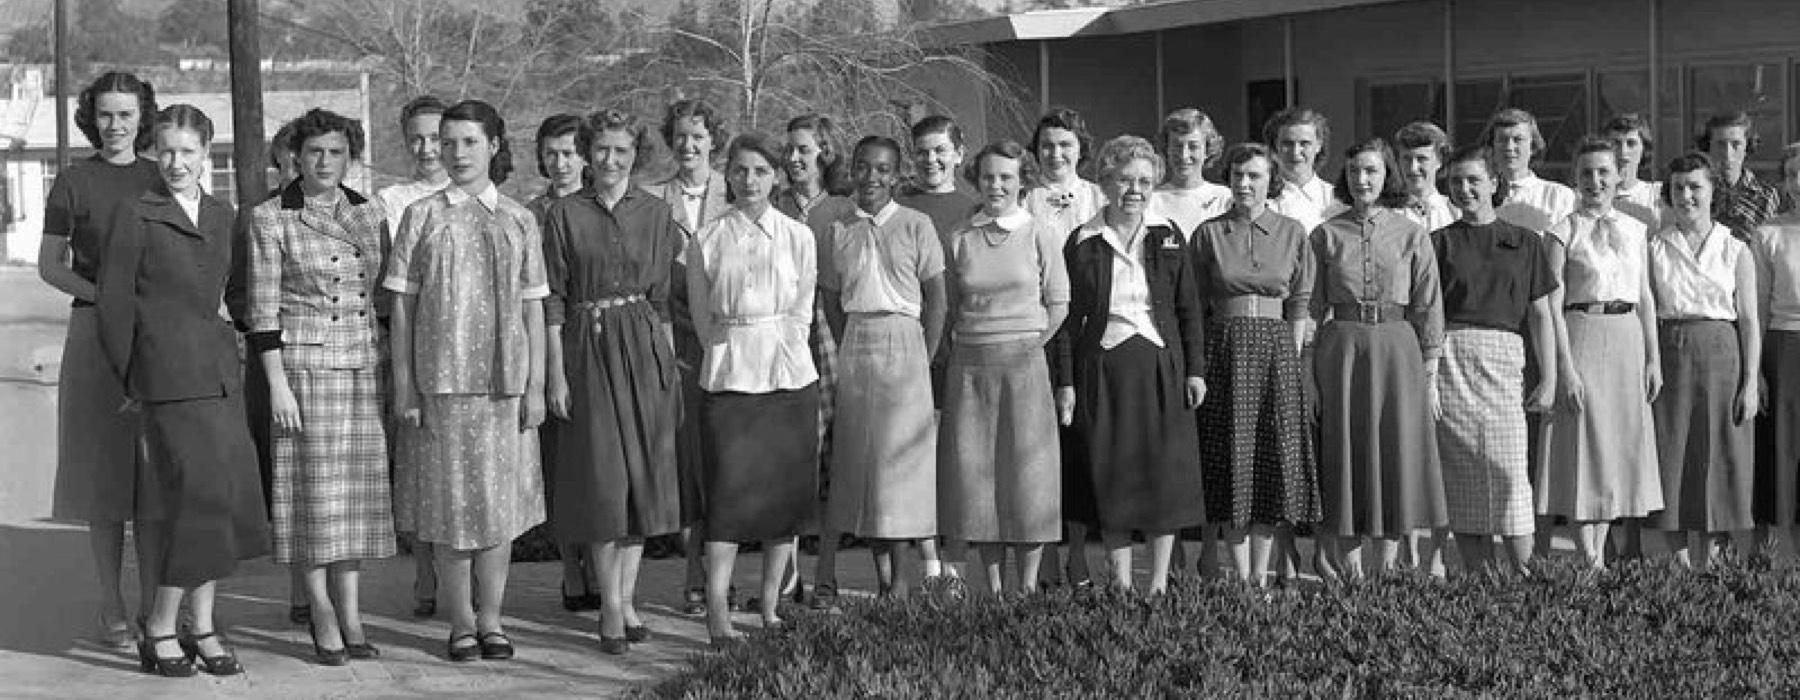 Women of JPL